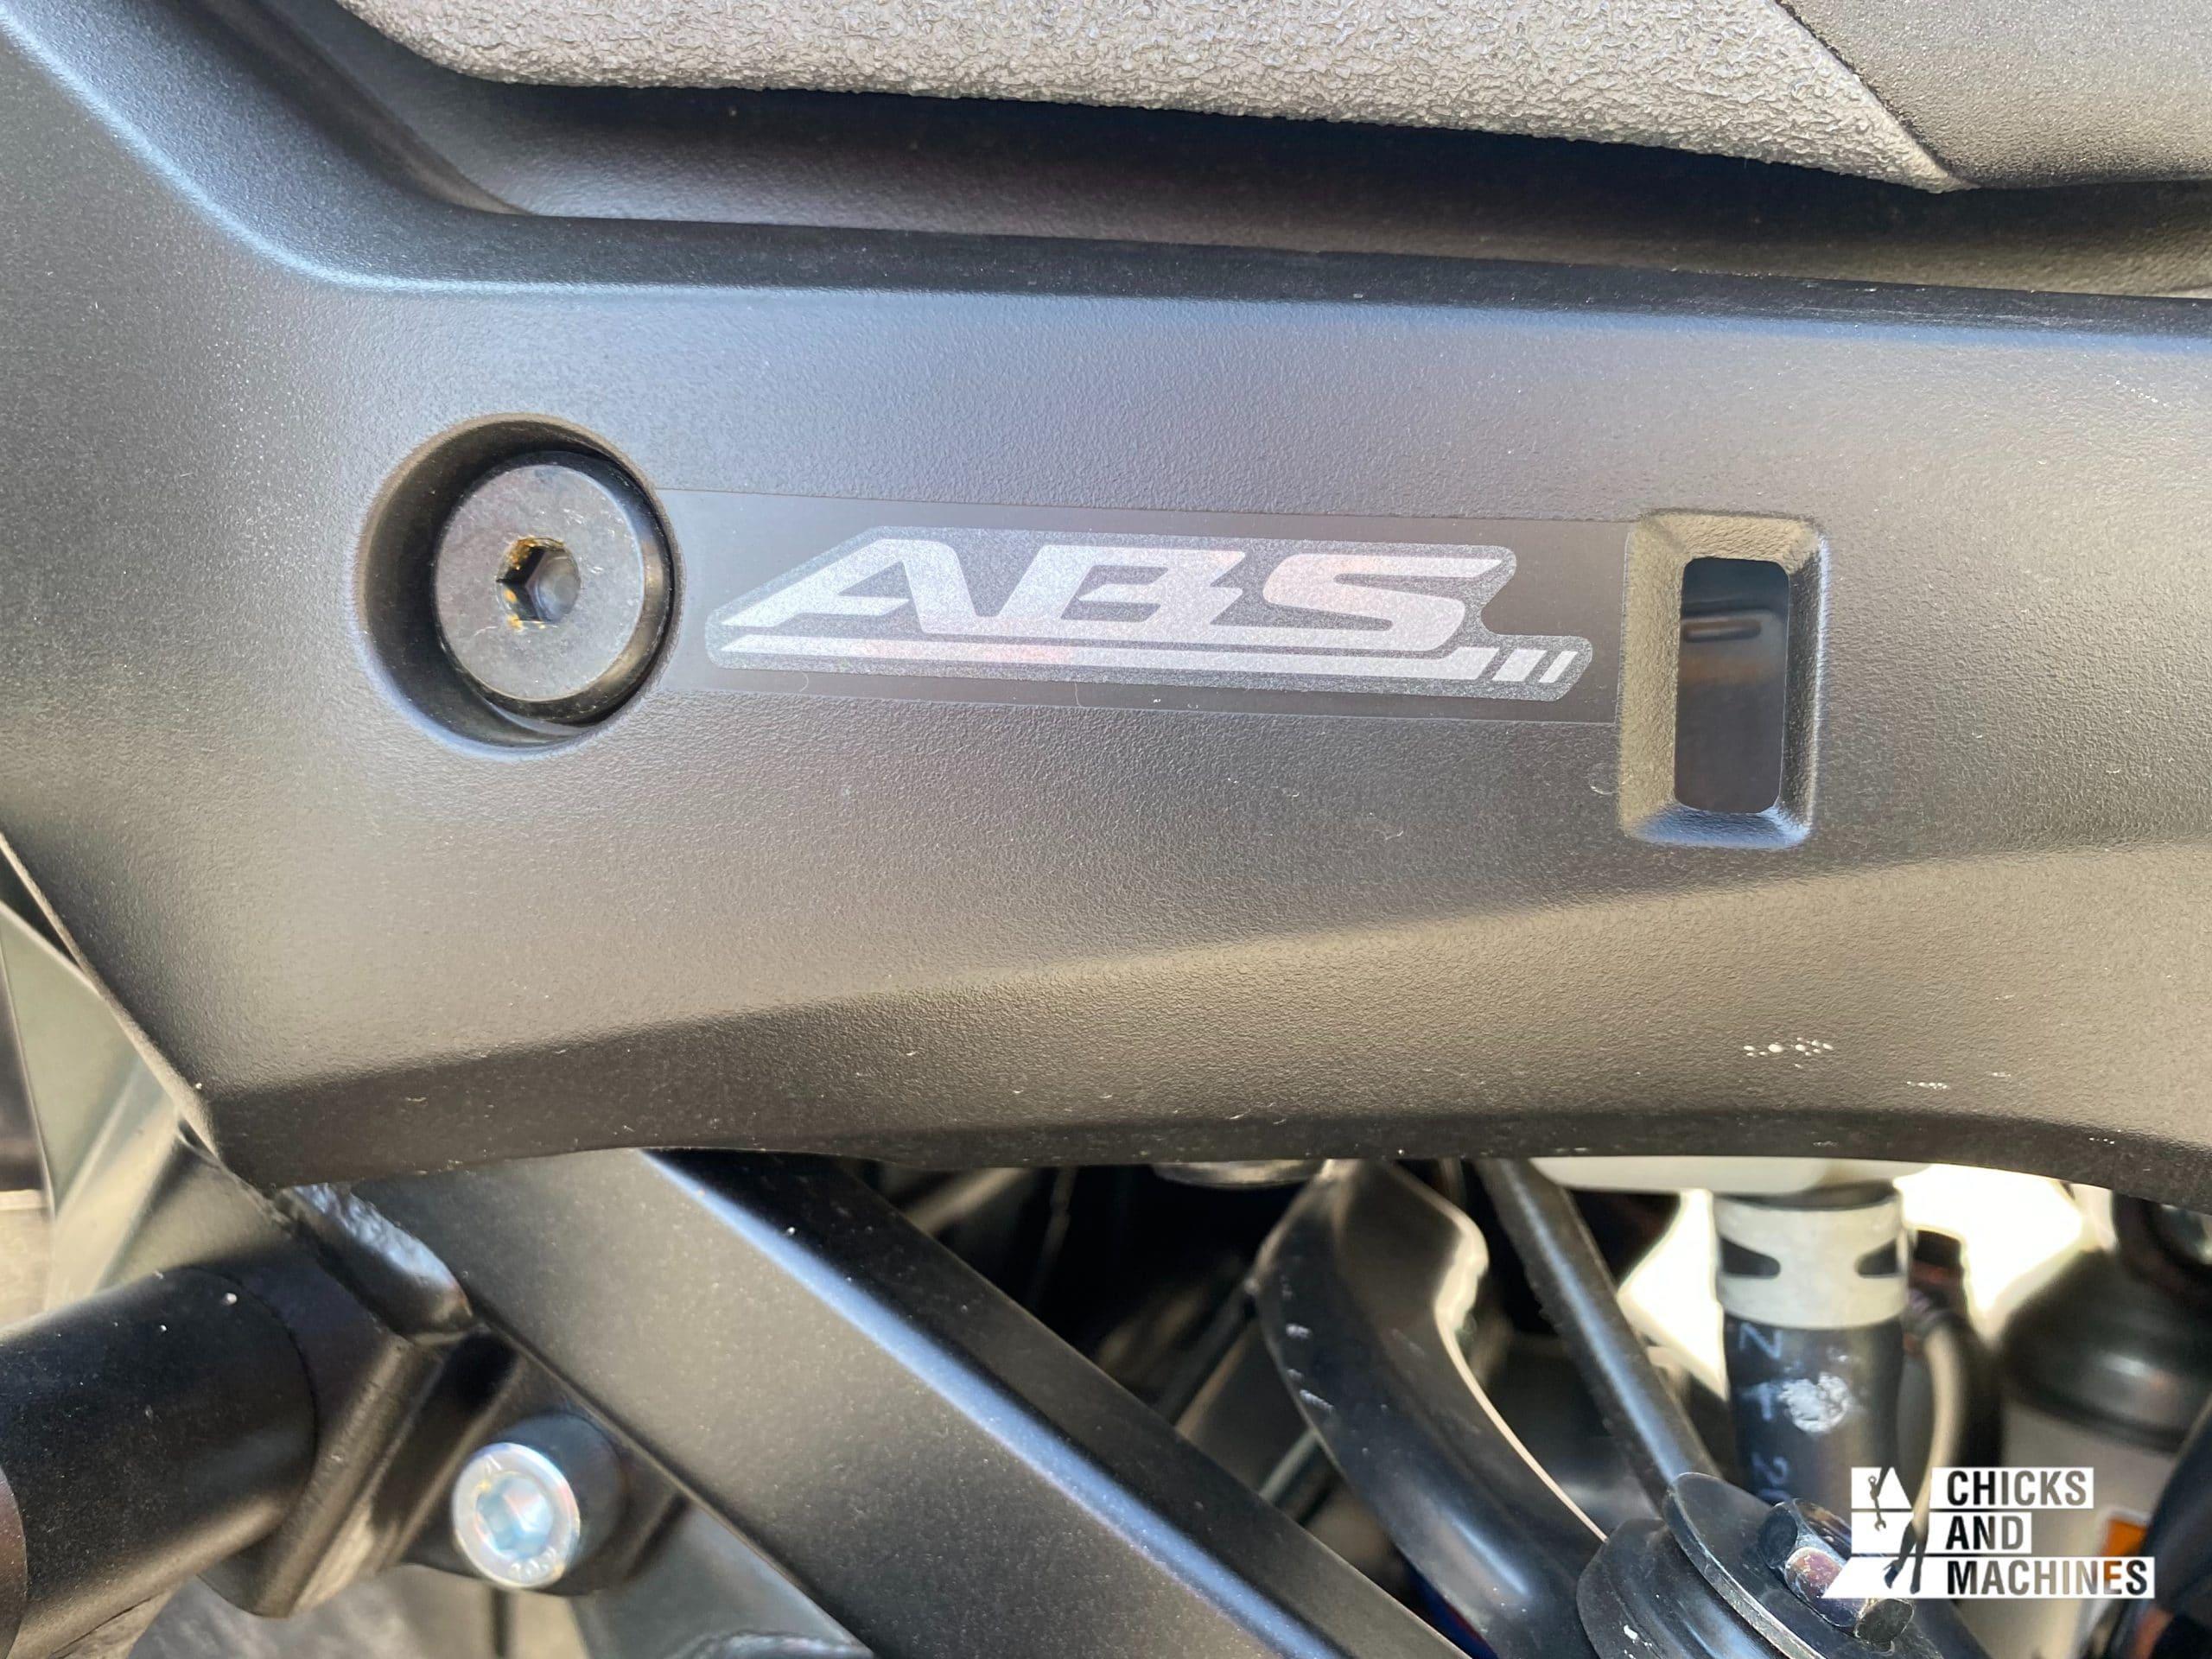 Il faut demeurer prudent malgré le système ABS !